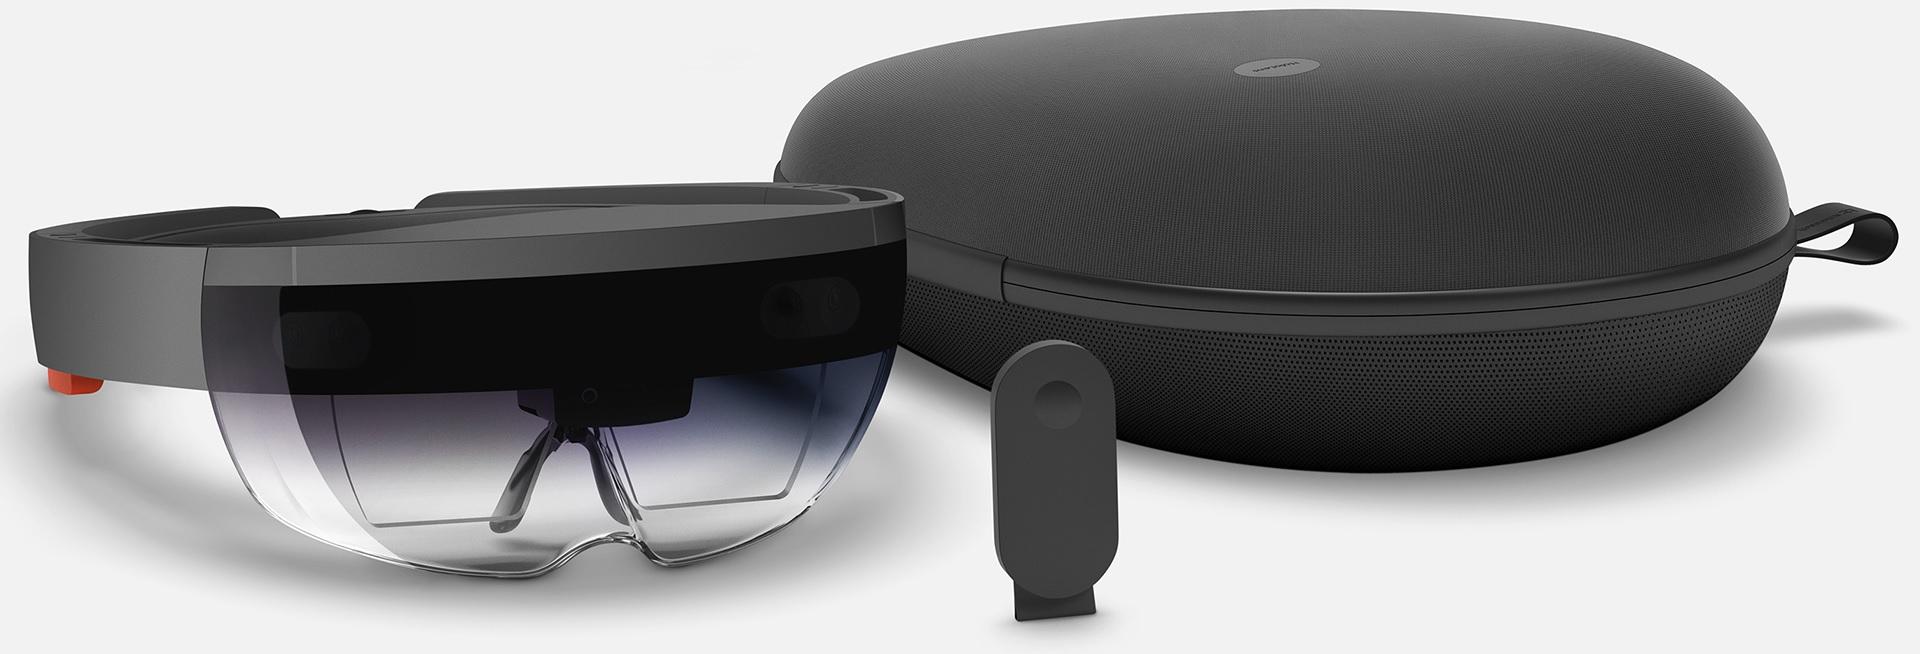 HoloLense